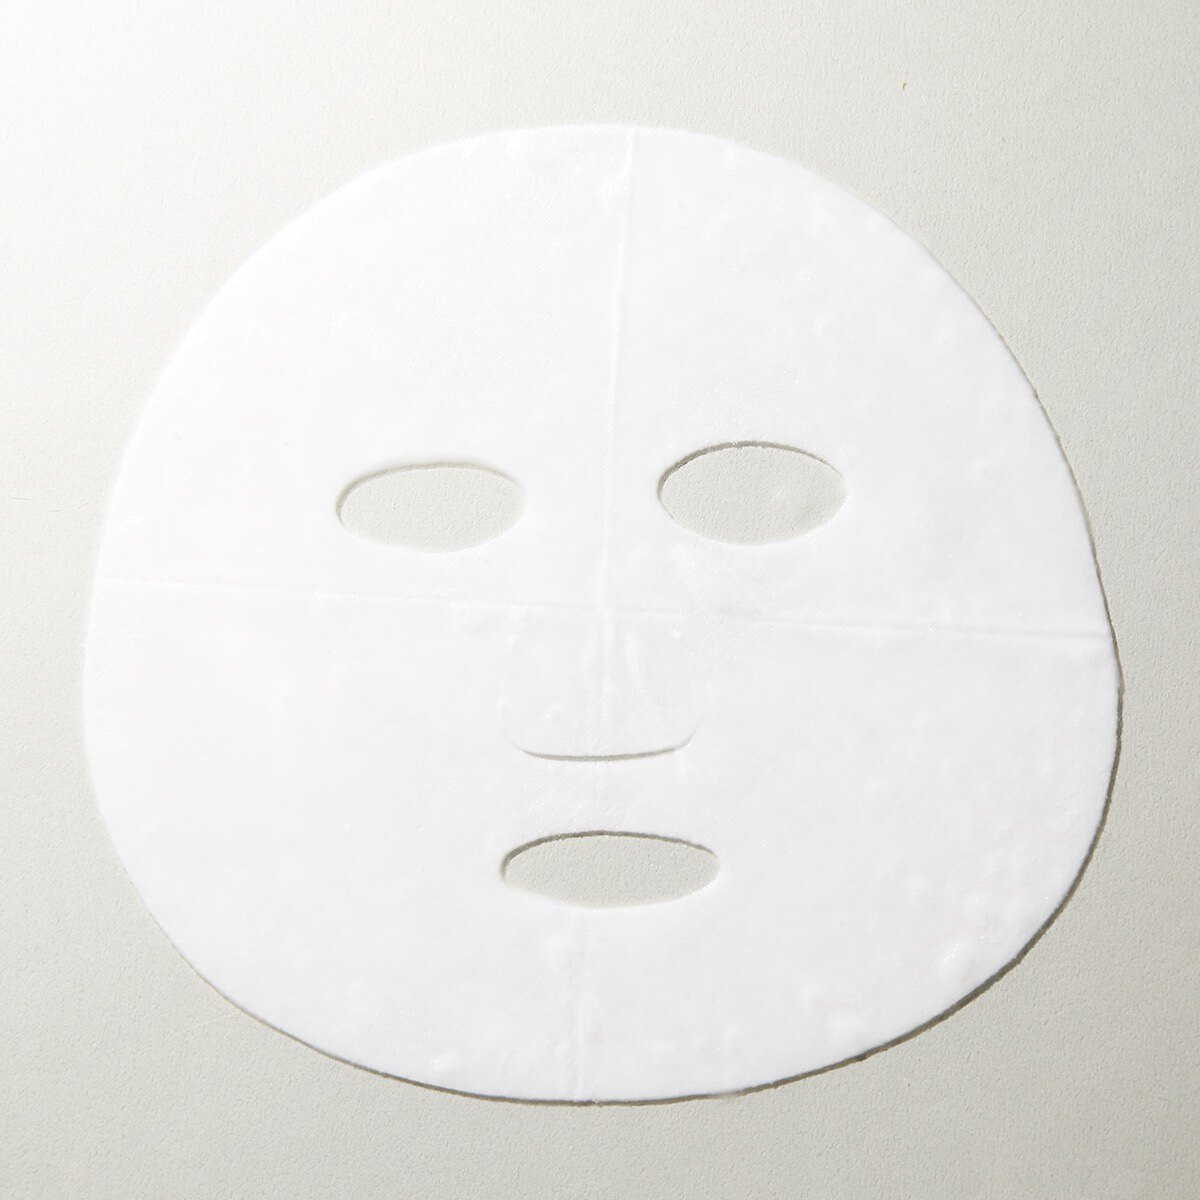 シカケアラインから美白ケア?! VT cosmetics『シカトーンアップマスク』をご紹介!に関する画像13